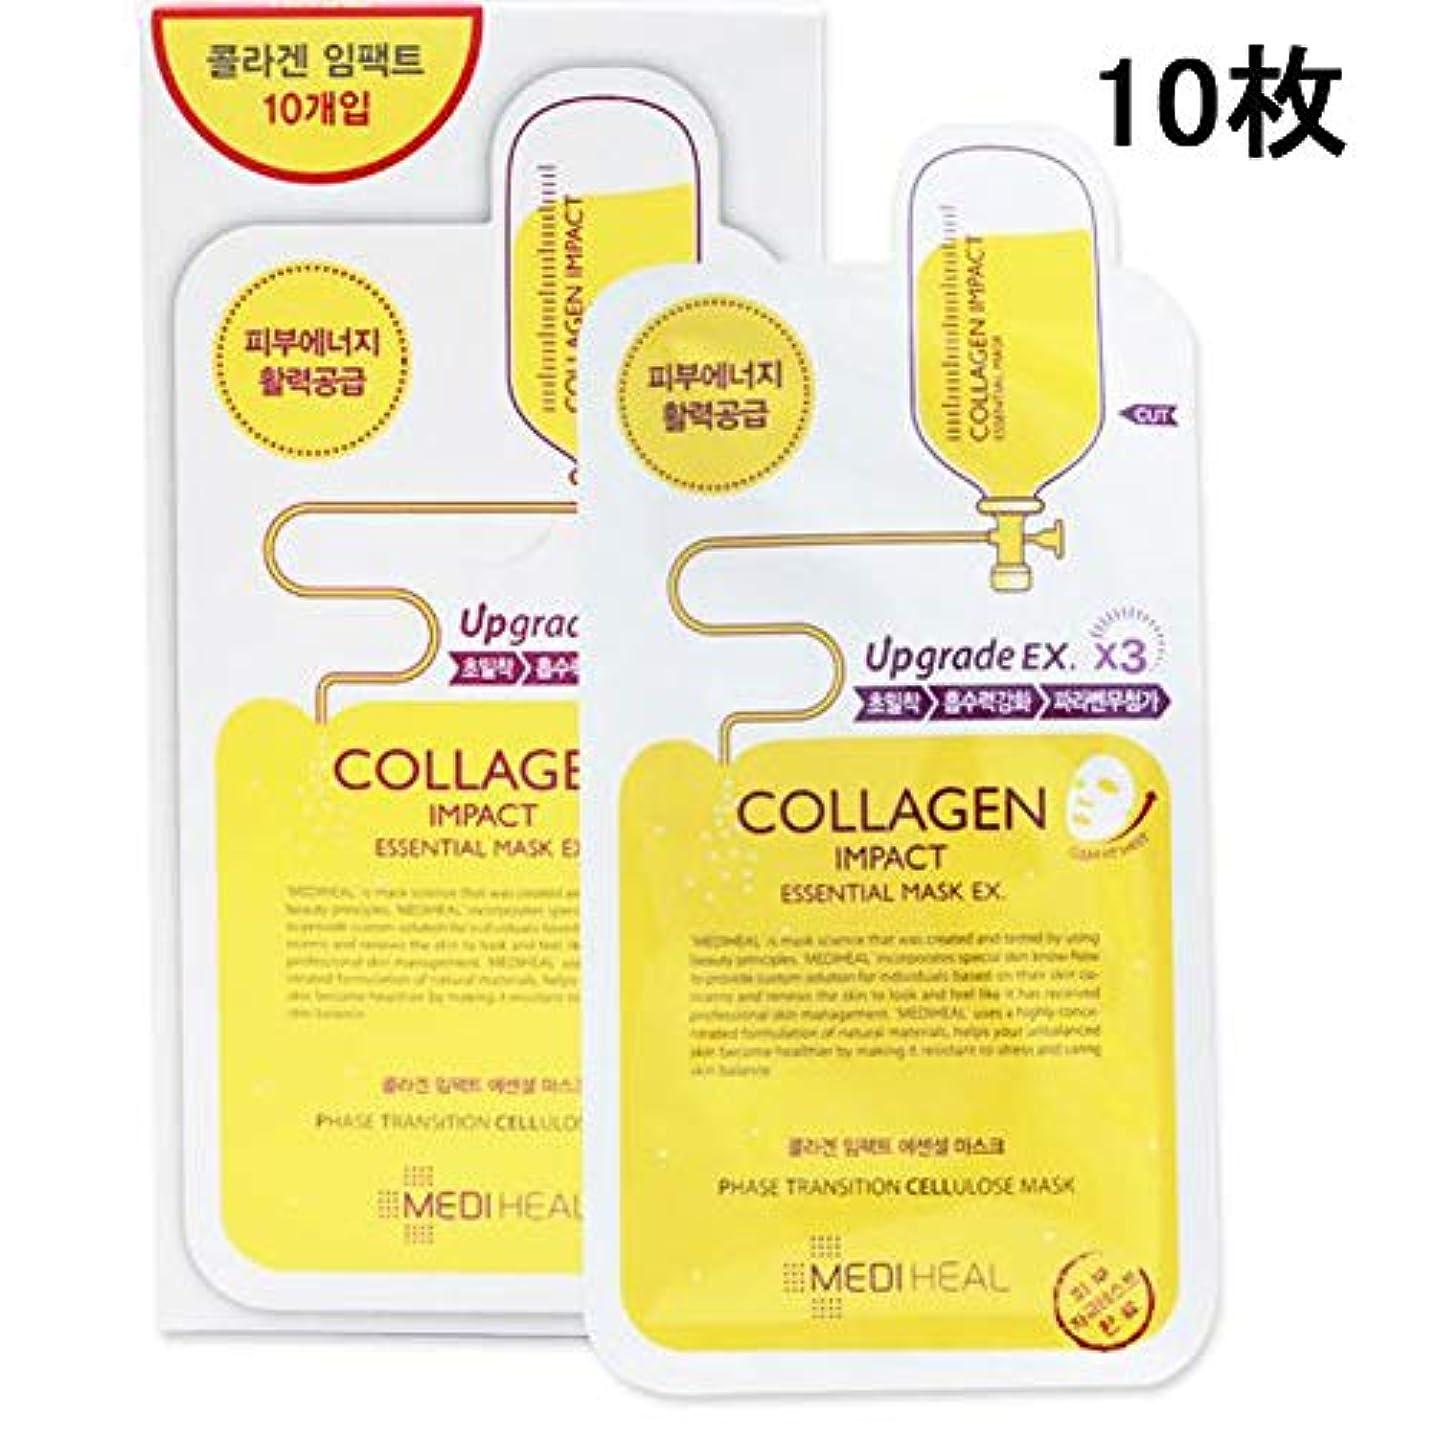 社会主義増幅賃金[メディヒール] Mediheal Colagen Impact Essential Mask メディヒールコラーゲンインパクトエッセンシャルマスクシートEX 10枚 (24ml) [海外直送品][並行輸入品]